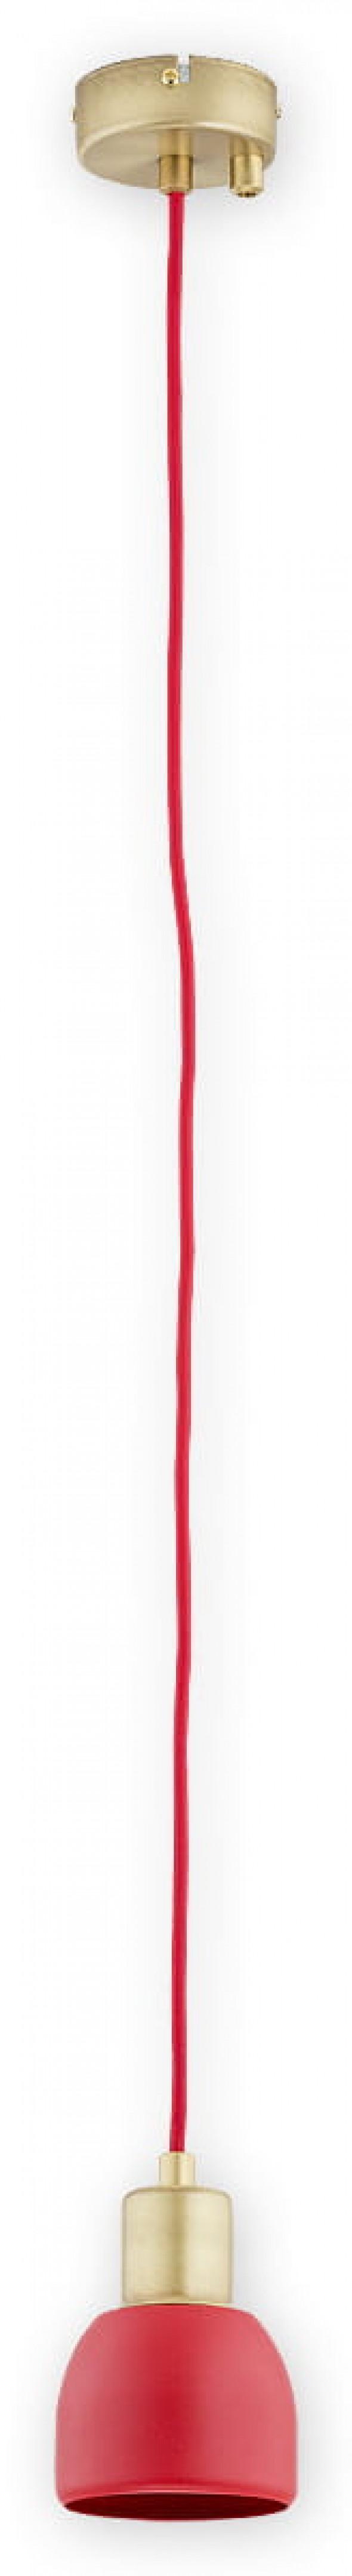 Piu zwis 1 pł. (na 2 przewody) / patyna + czerwony